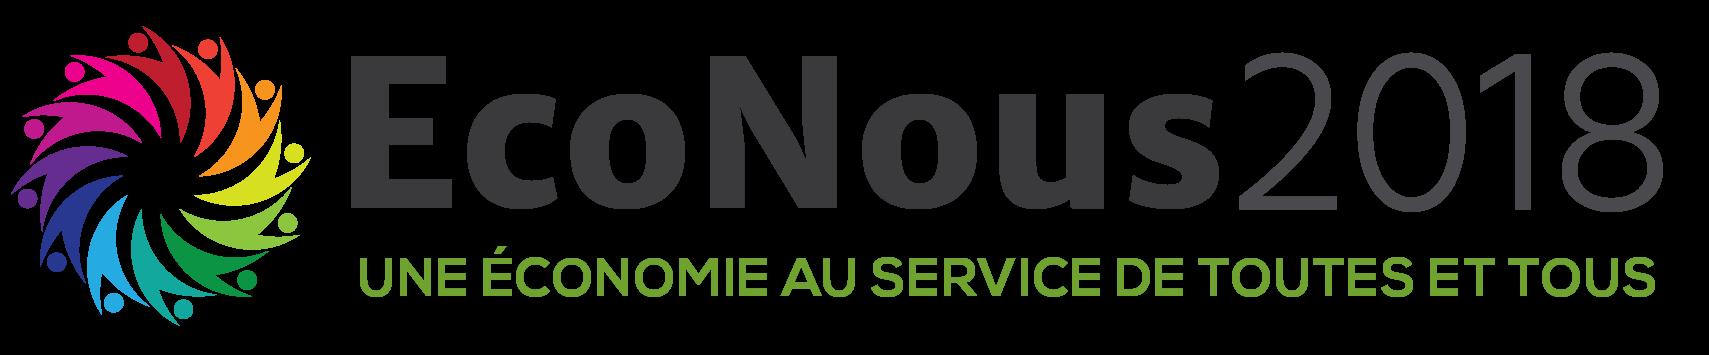 EcoNous2018 : une économie au service de toutes et tous